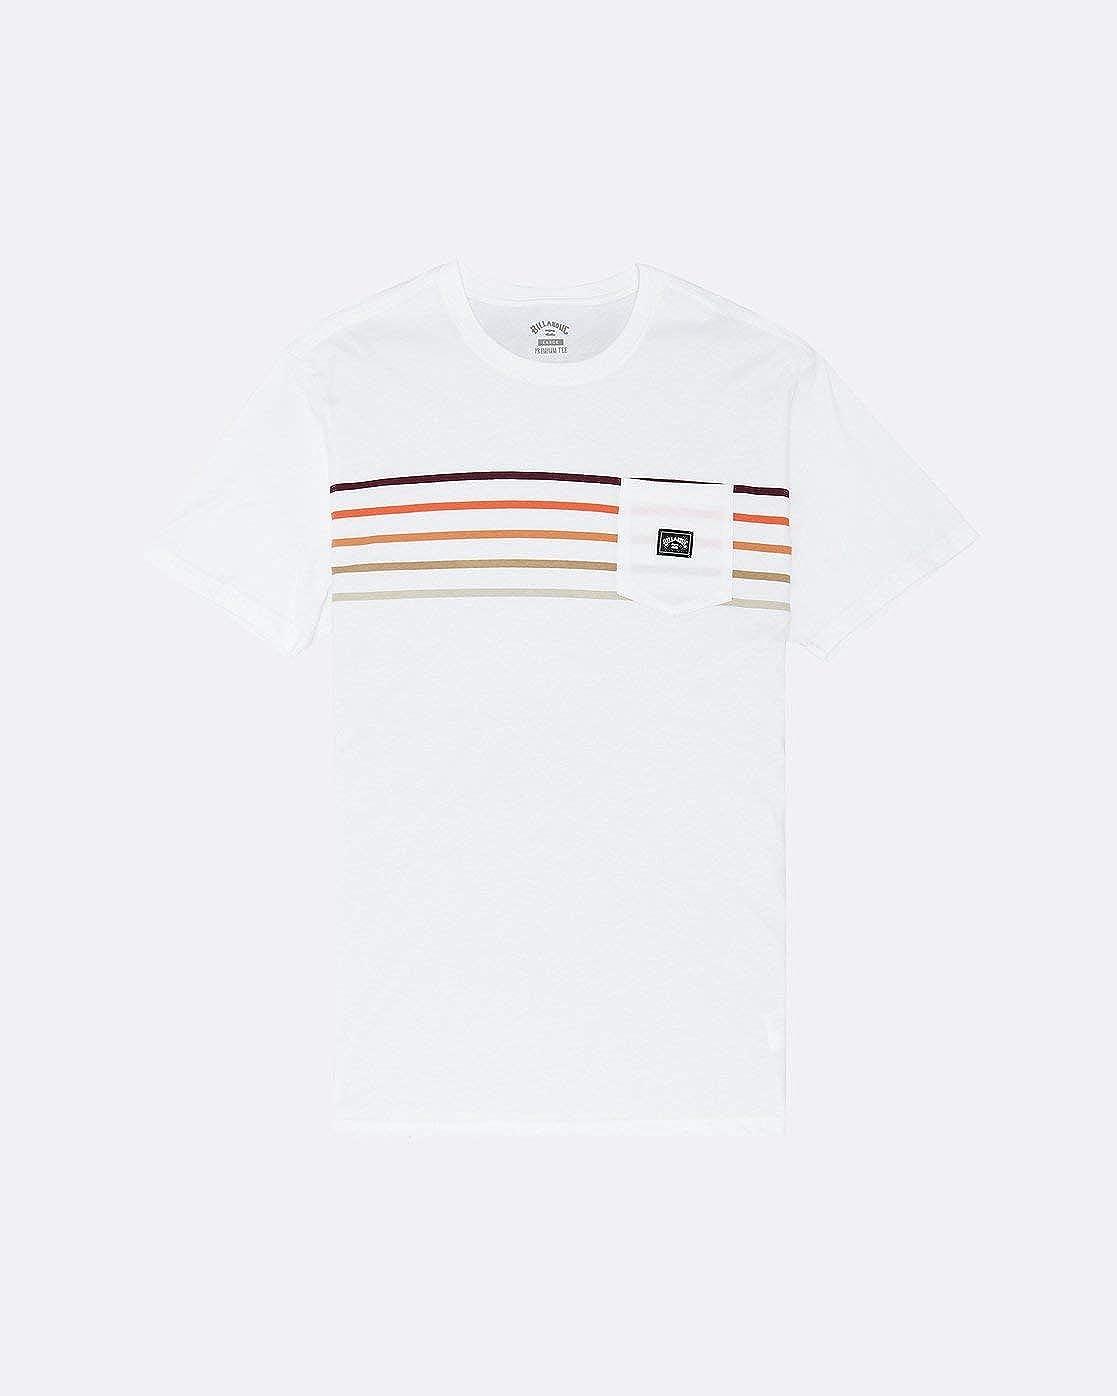 BILLABONG™ - Camiseta - Hombre - M - Blanco: Amazon.es: Ropa y accesorios